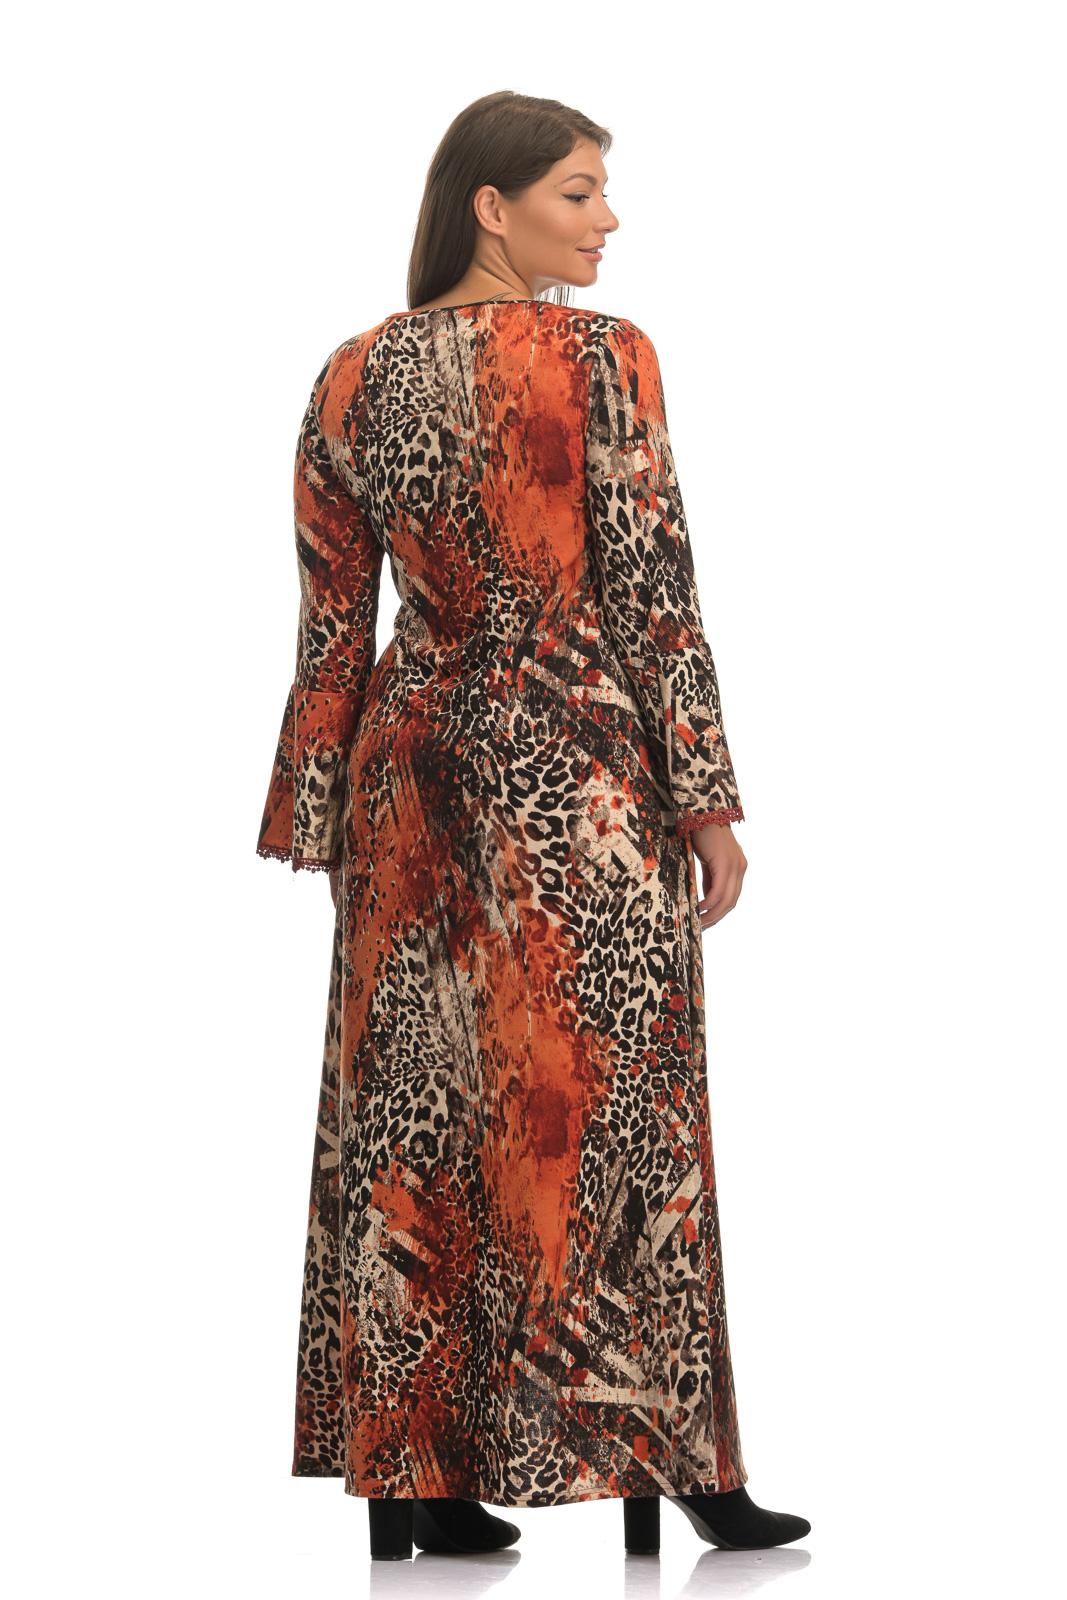 Φόρεμα κρουαζέ λεοπαρ  με καμπάνα μανίκι και δέσιμο στη μέση